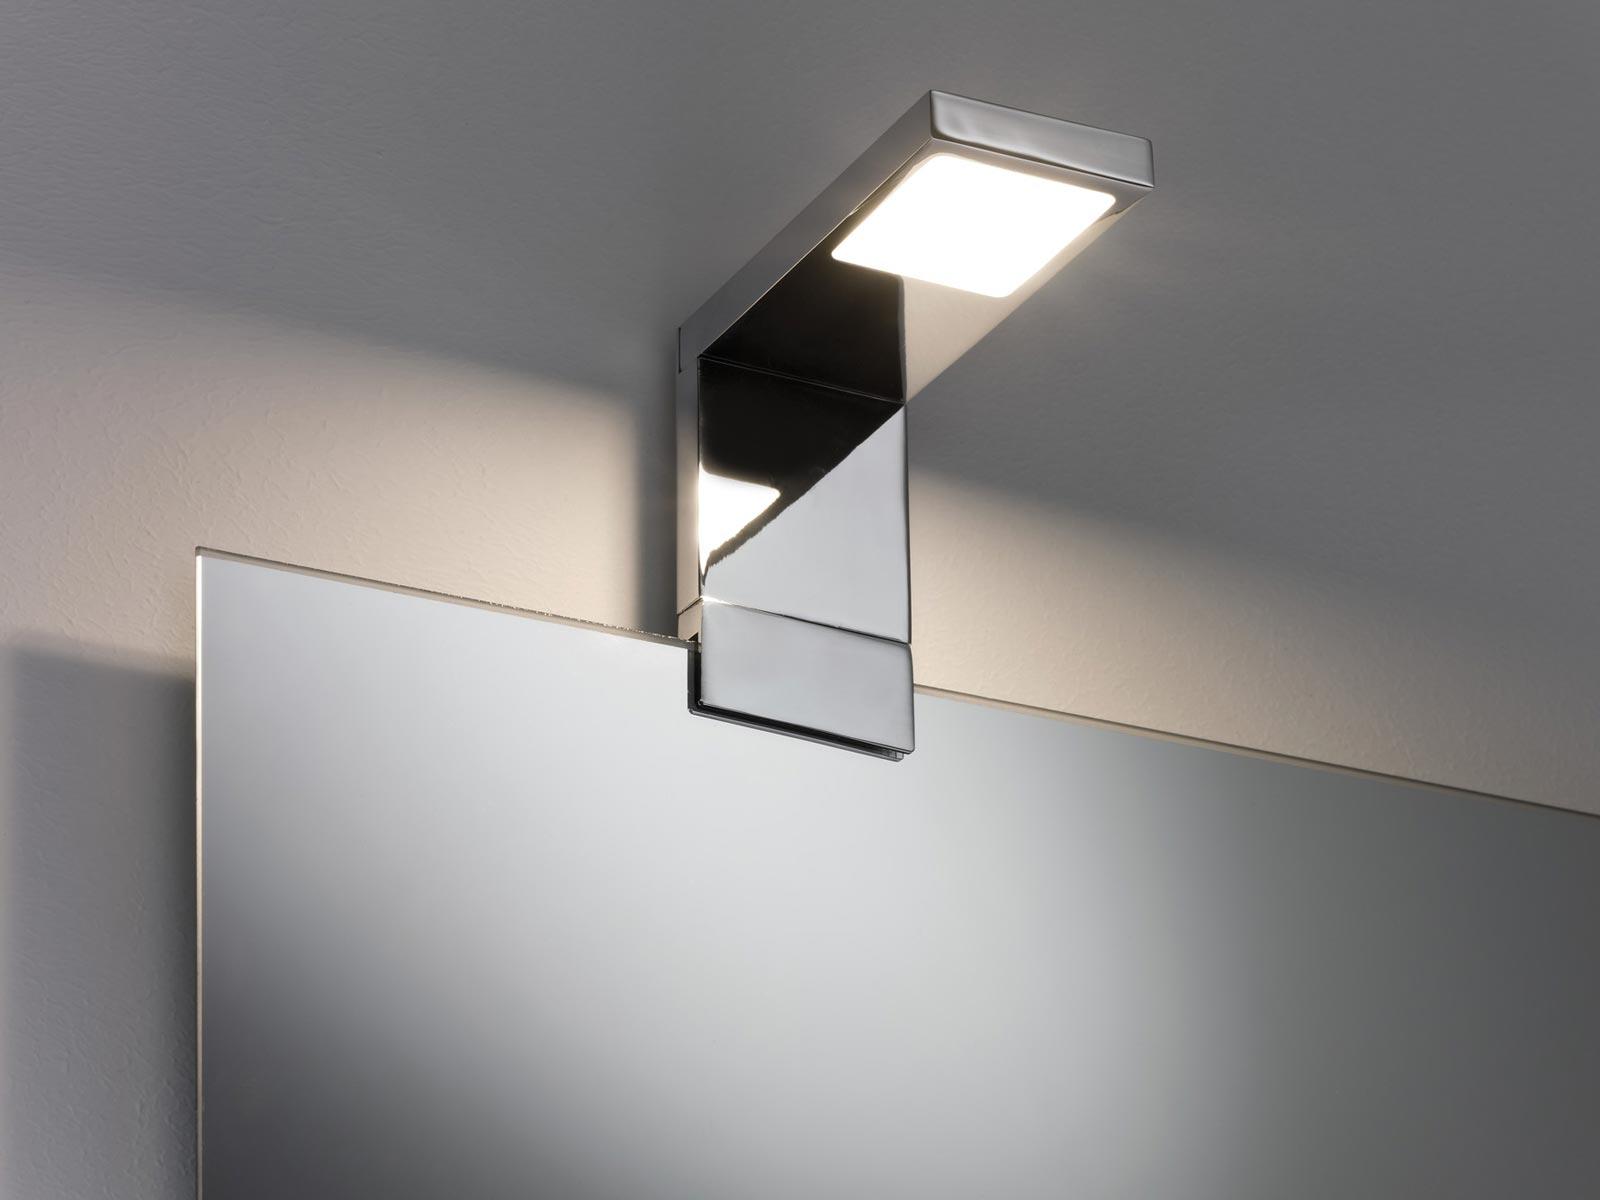 PAULMANN P 99079  svítidlo nad zrcadlodo koupelny